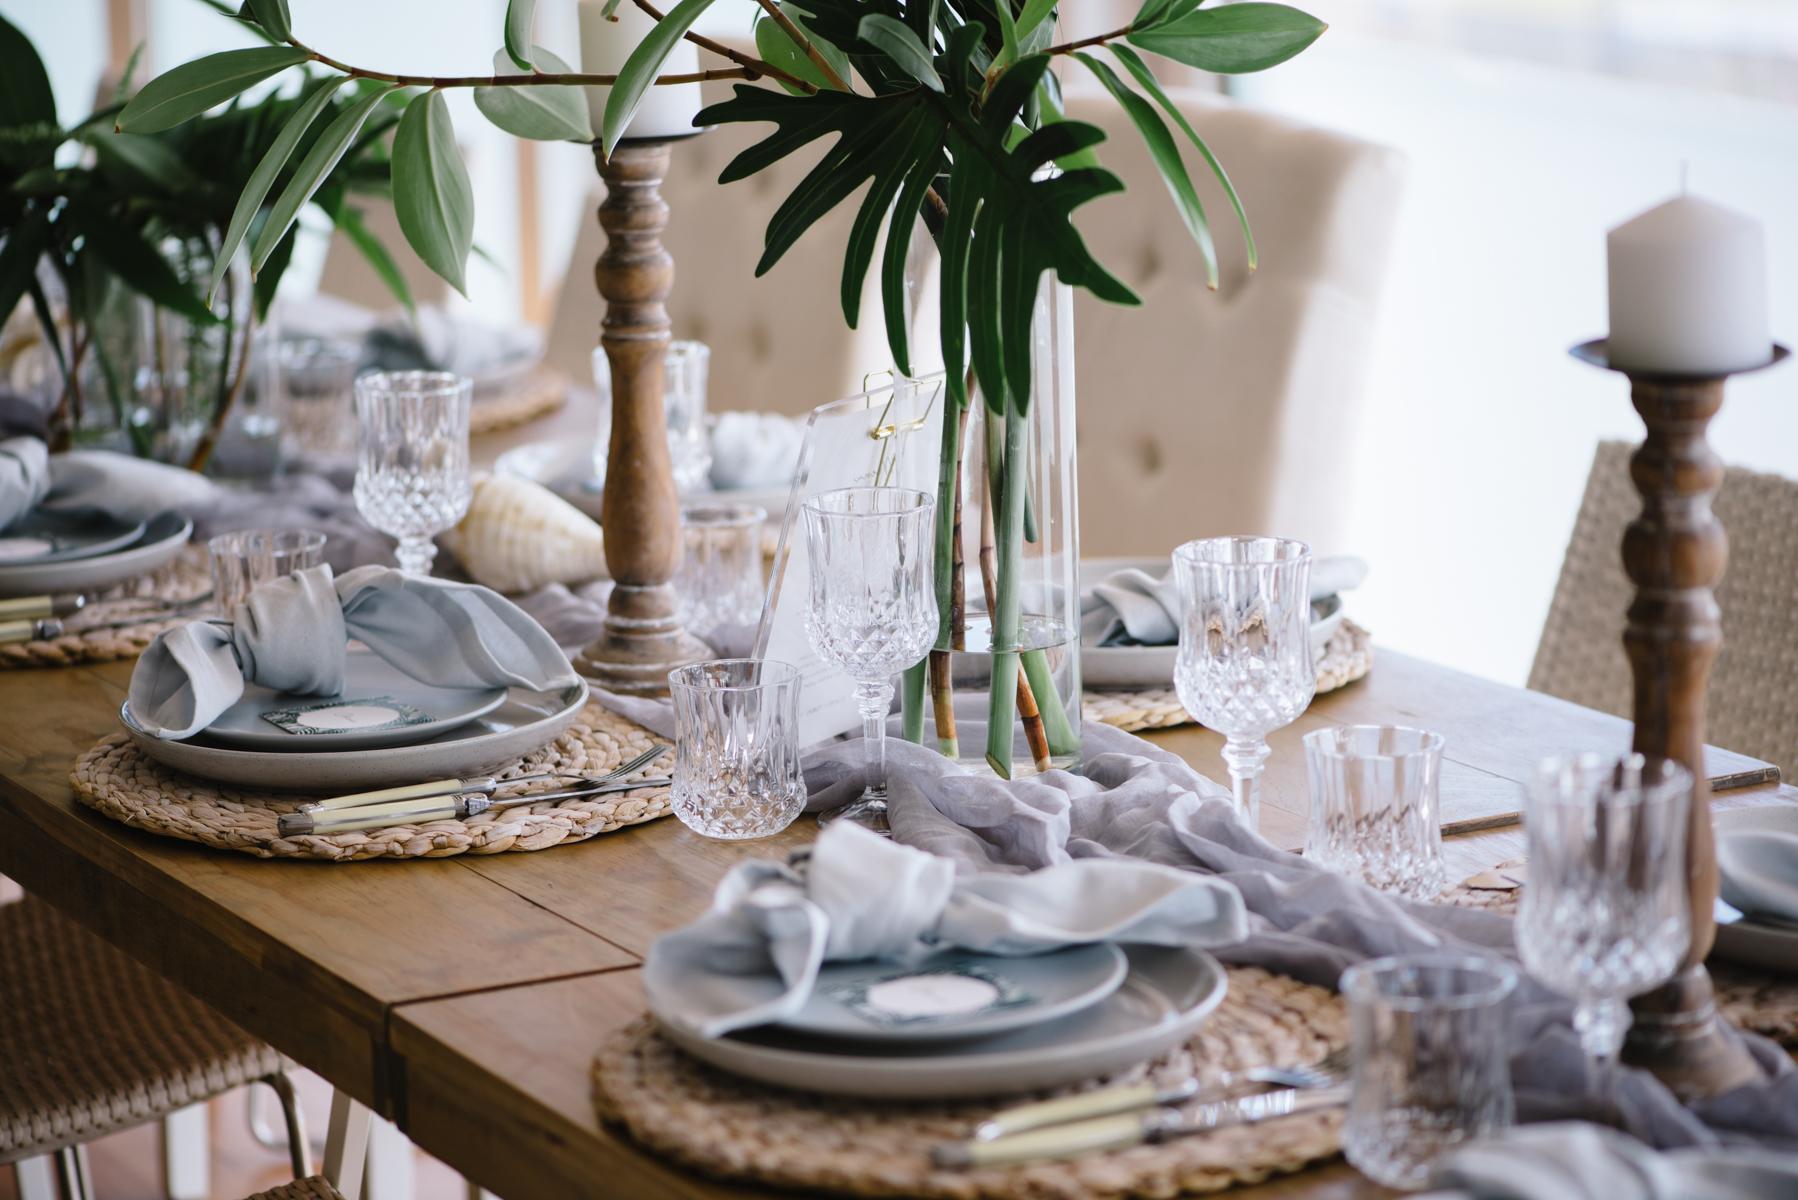 babalou-wedding- skyla sage photography weddings, families, byron bay,tweed coast,kingscliff,cabarita,gold coast-12.jpg